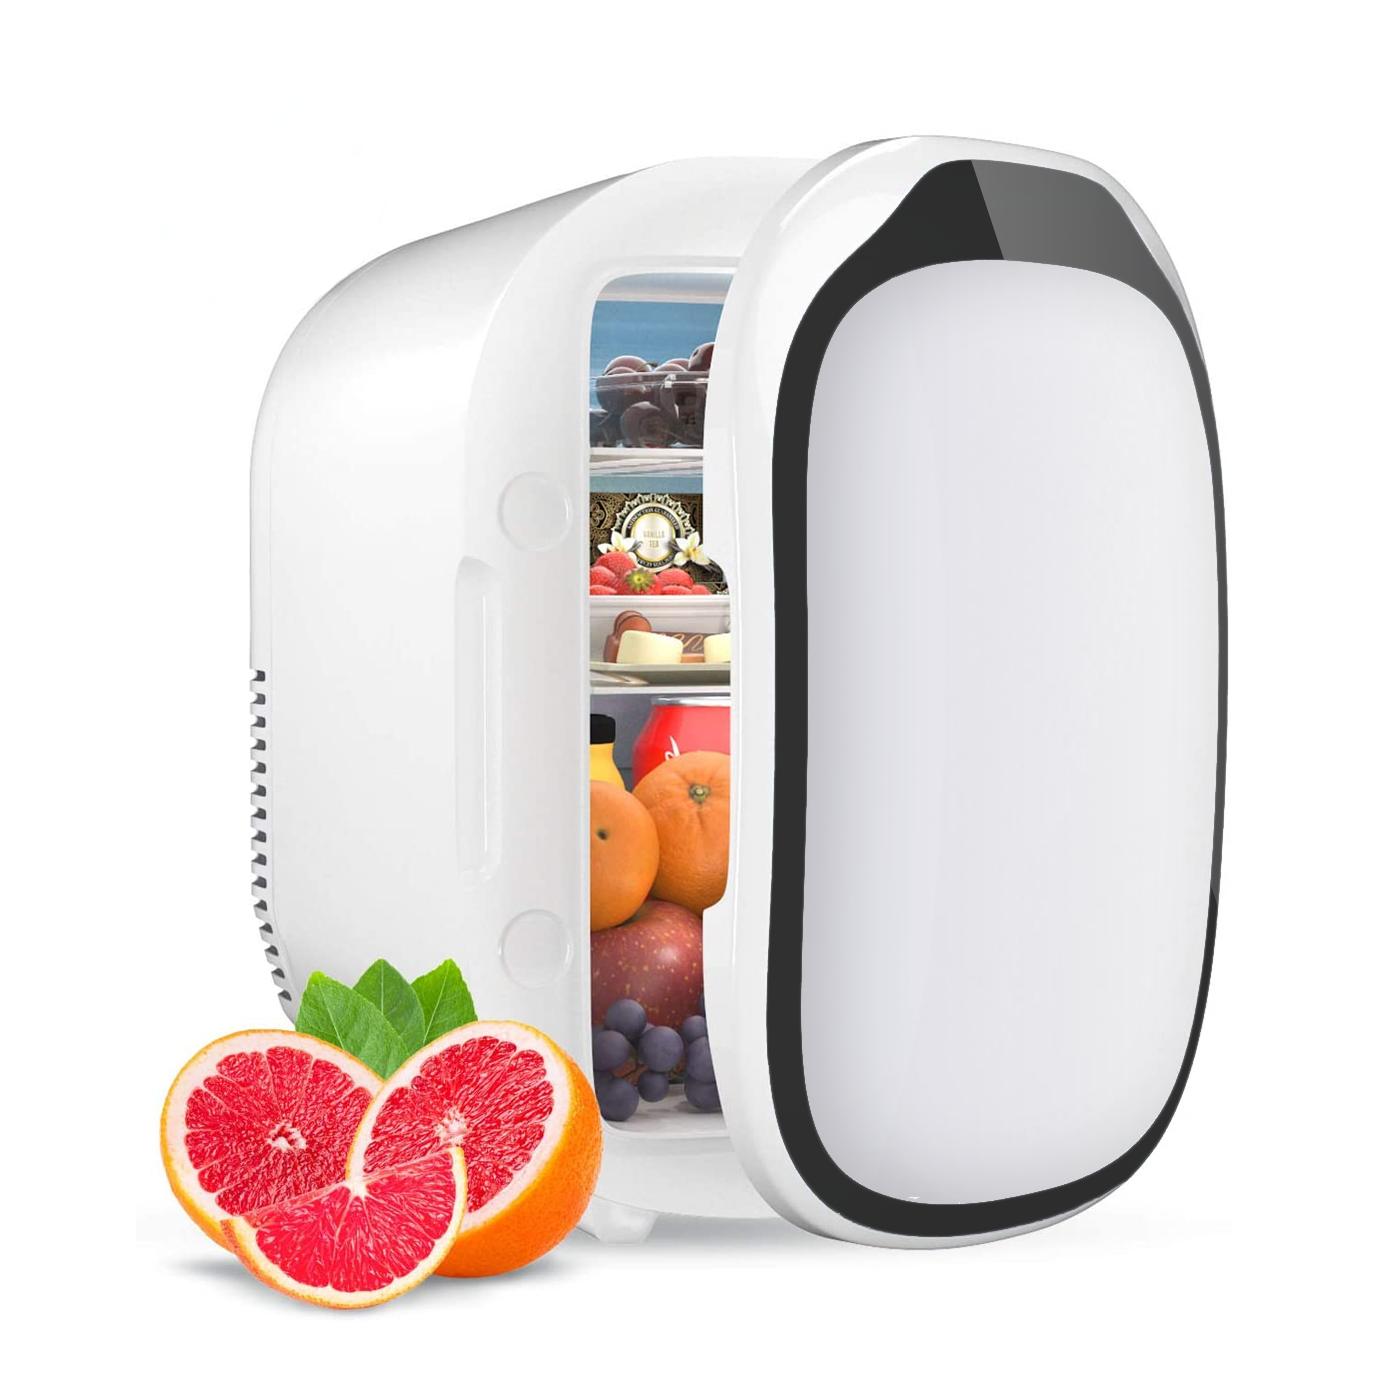 ขนาดเล็กบำรุงผิวตู้เย็นแบบพกพาตู้เย็นมินิเครื่องสำอางค์ตู้แช่เย็นรถยนต์แม่เหล็กความงามMiniตู้เย็น